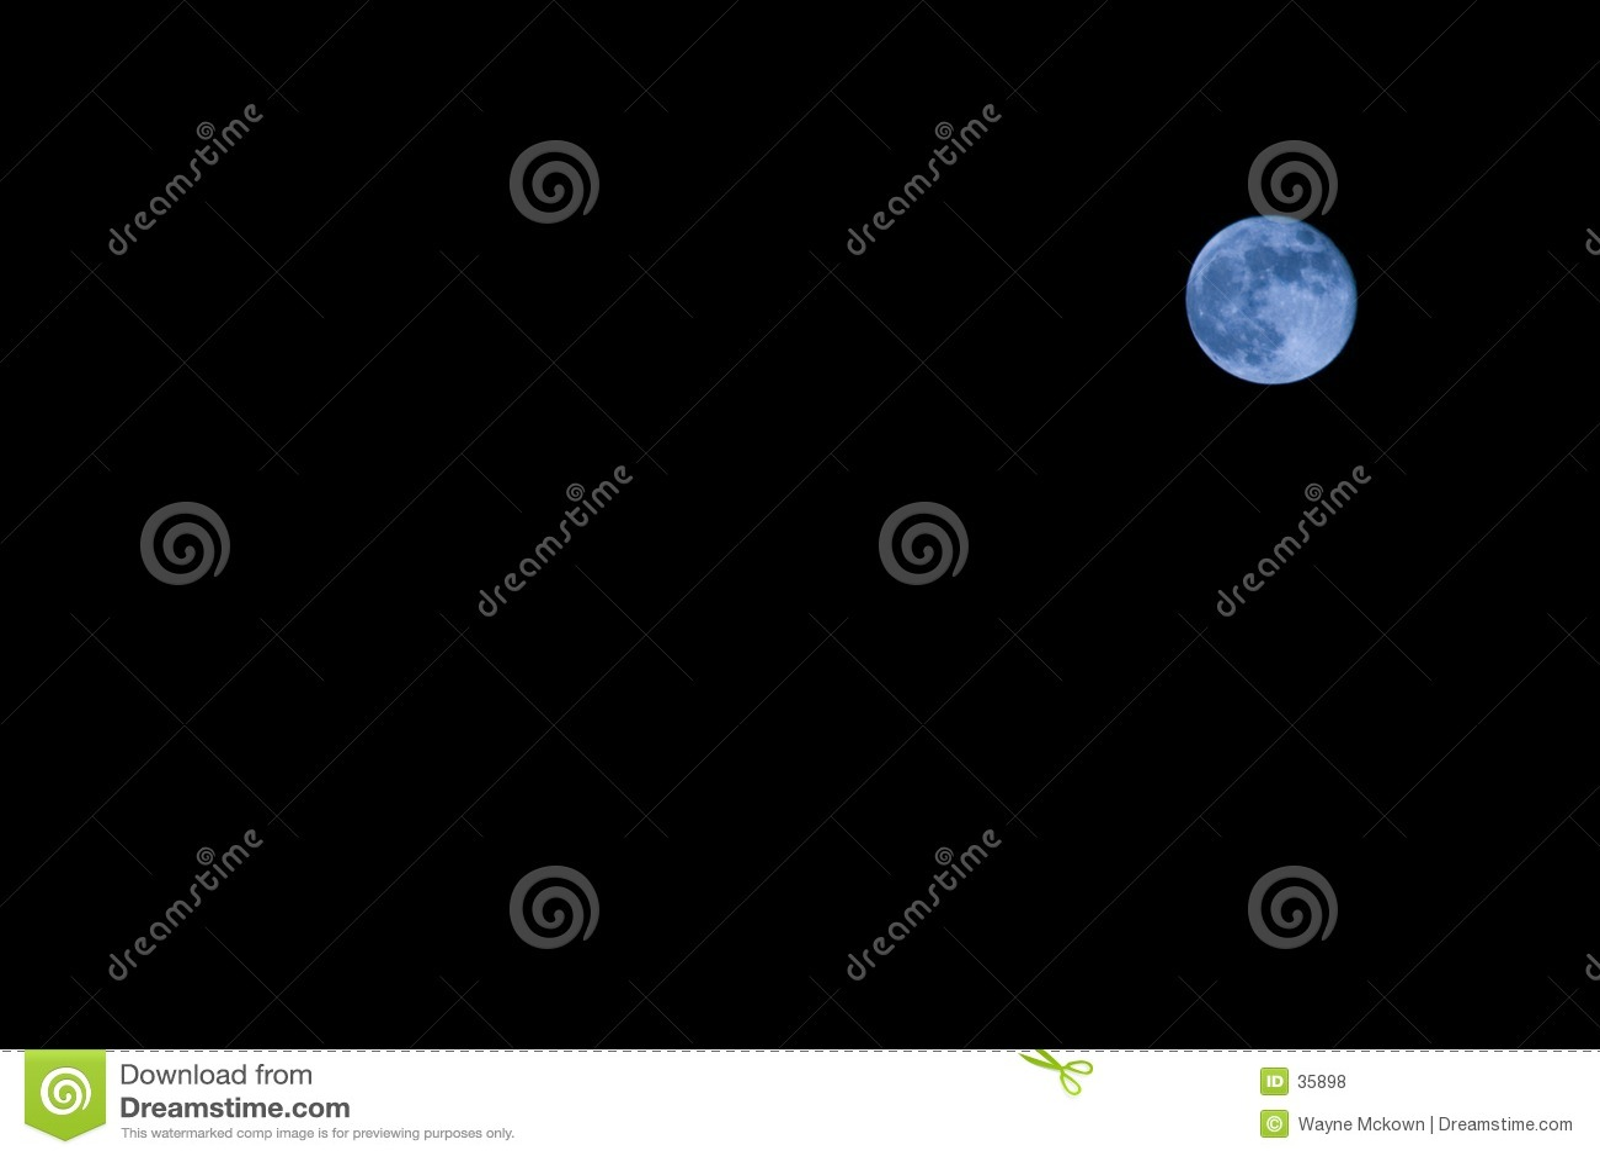 Eens in een blauwe maan